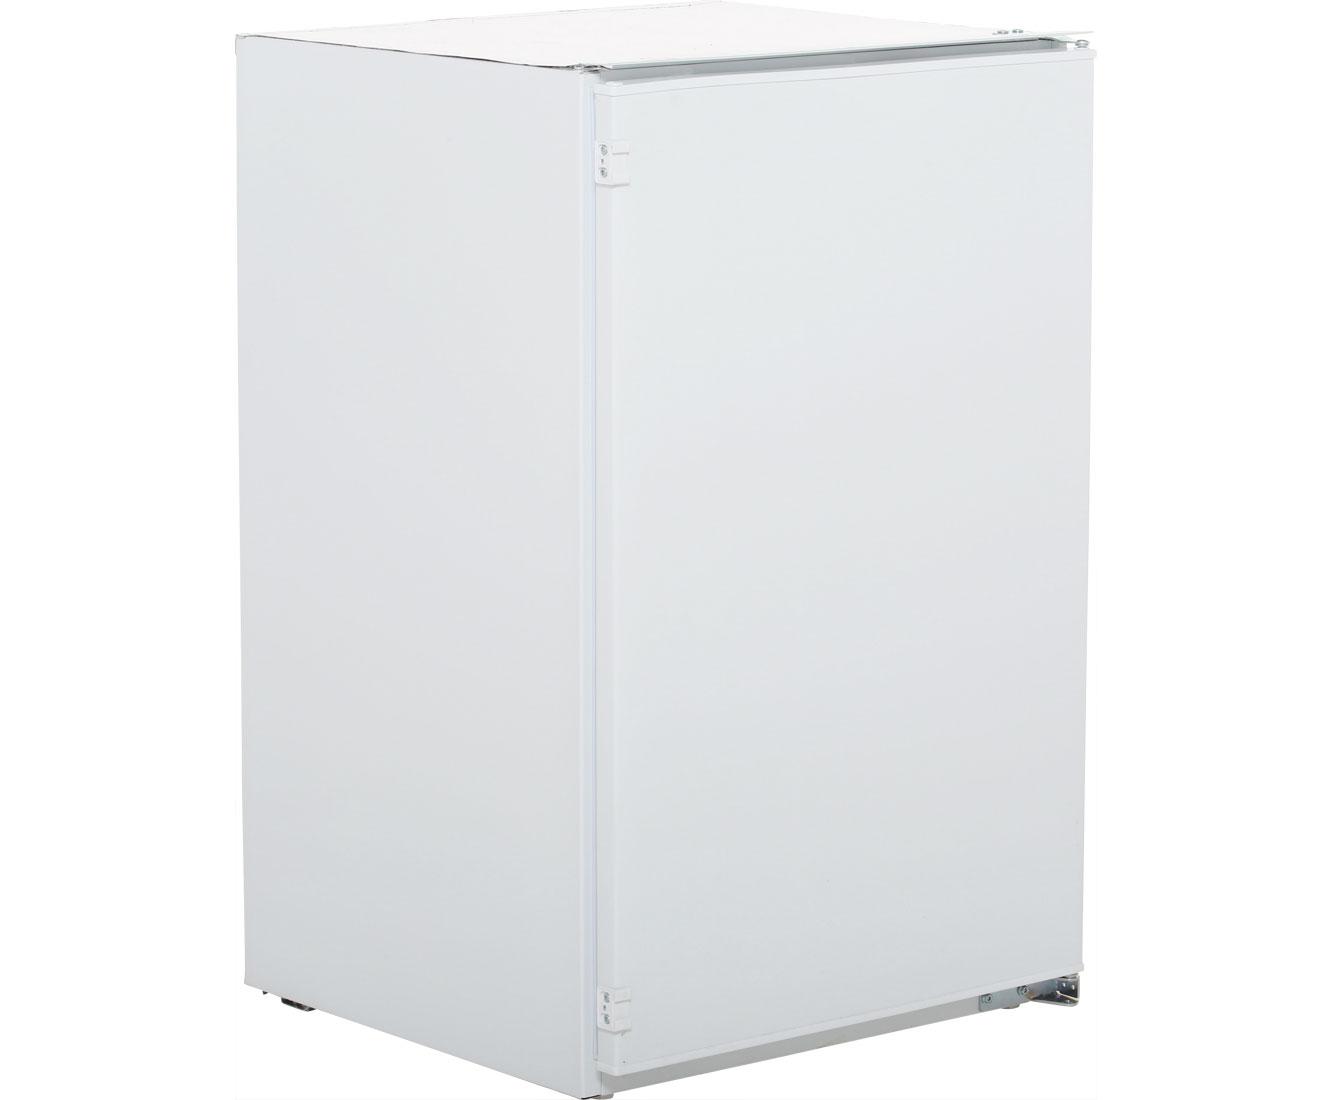 Amica Kühlschrank Mit Gefrierfach : Amica eks einbau kühlschrank mit gefrierfach er nische